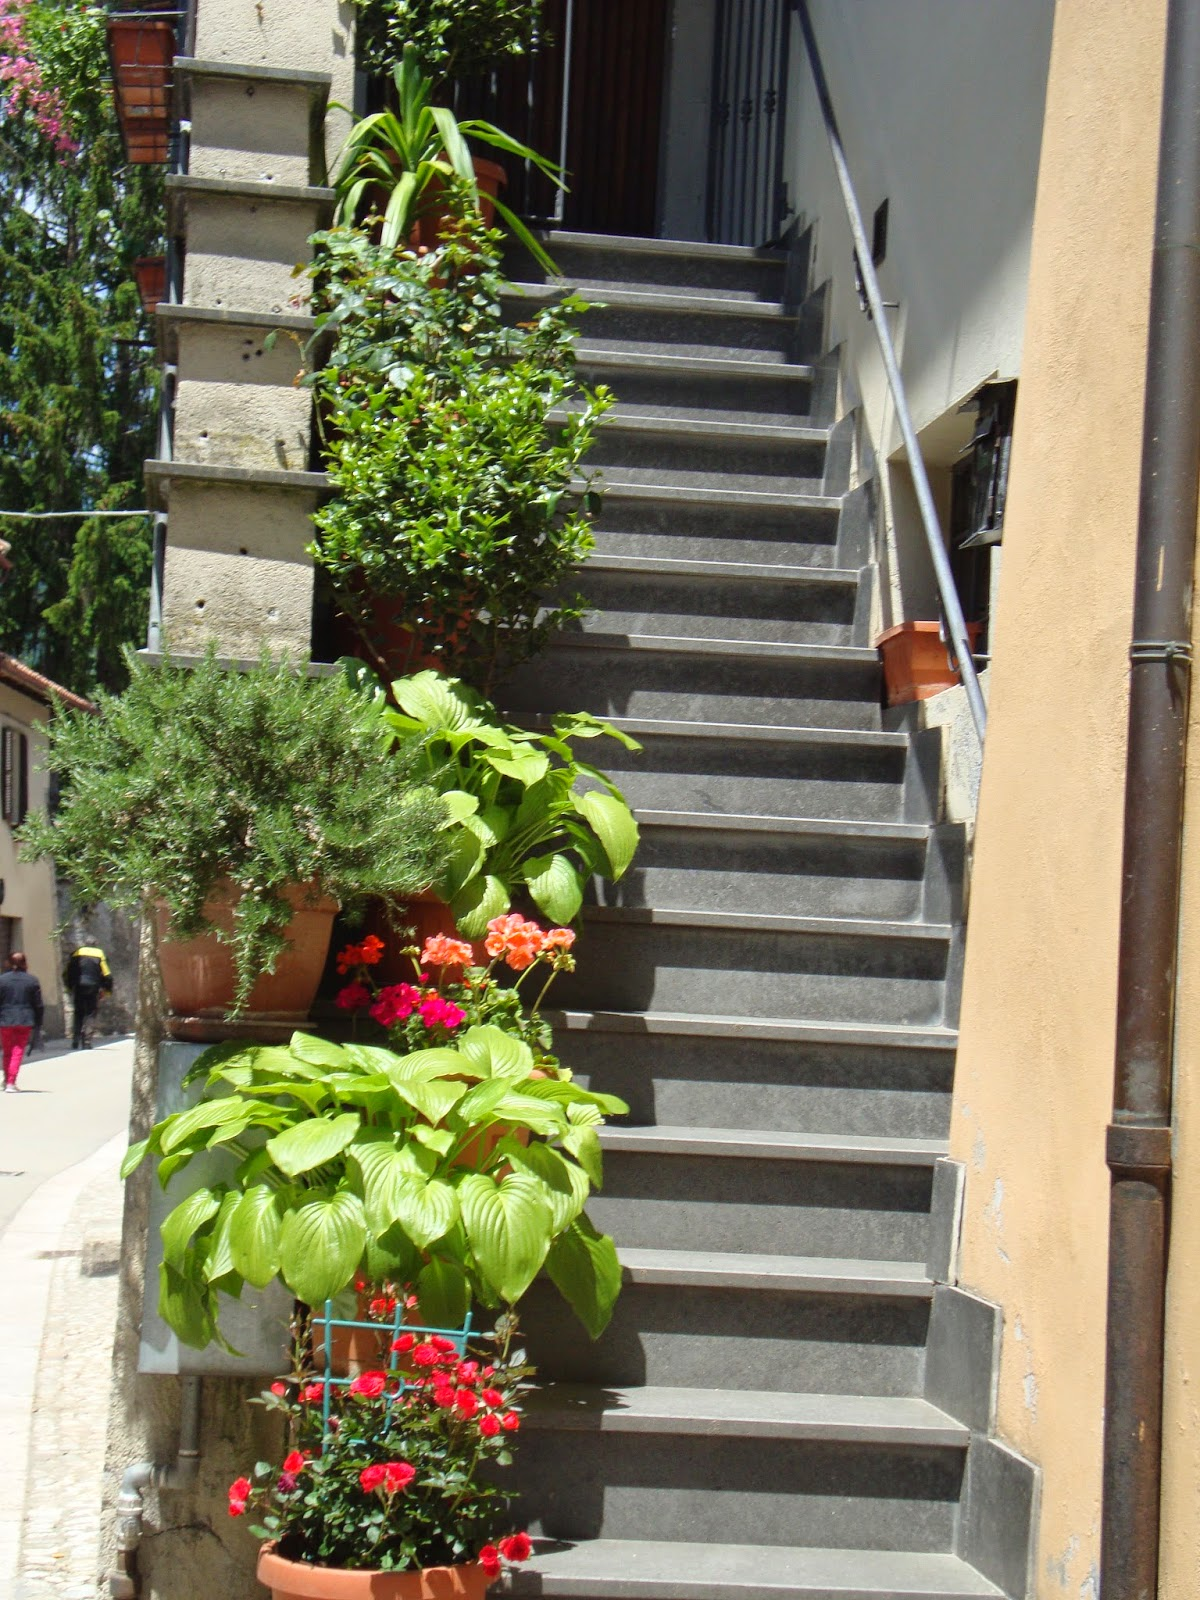 Un piccolo giardino in citt fiori e piante sulle scale - Scale in giardino ...